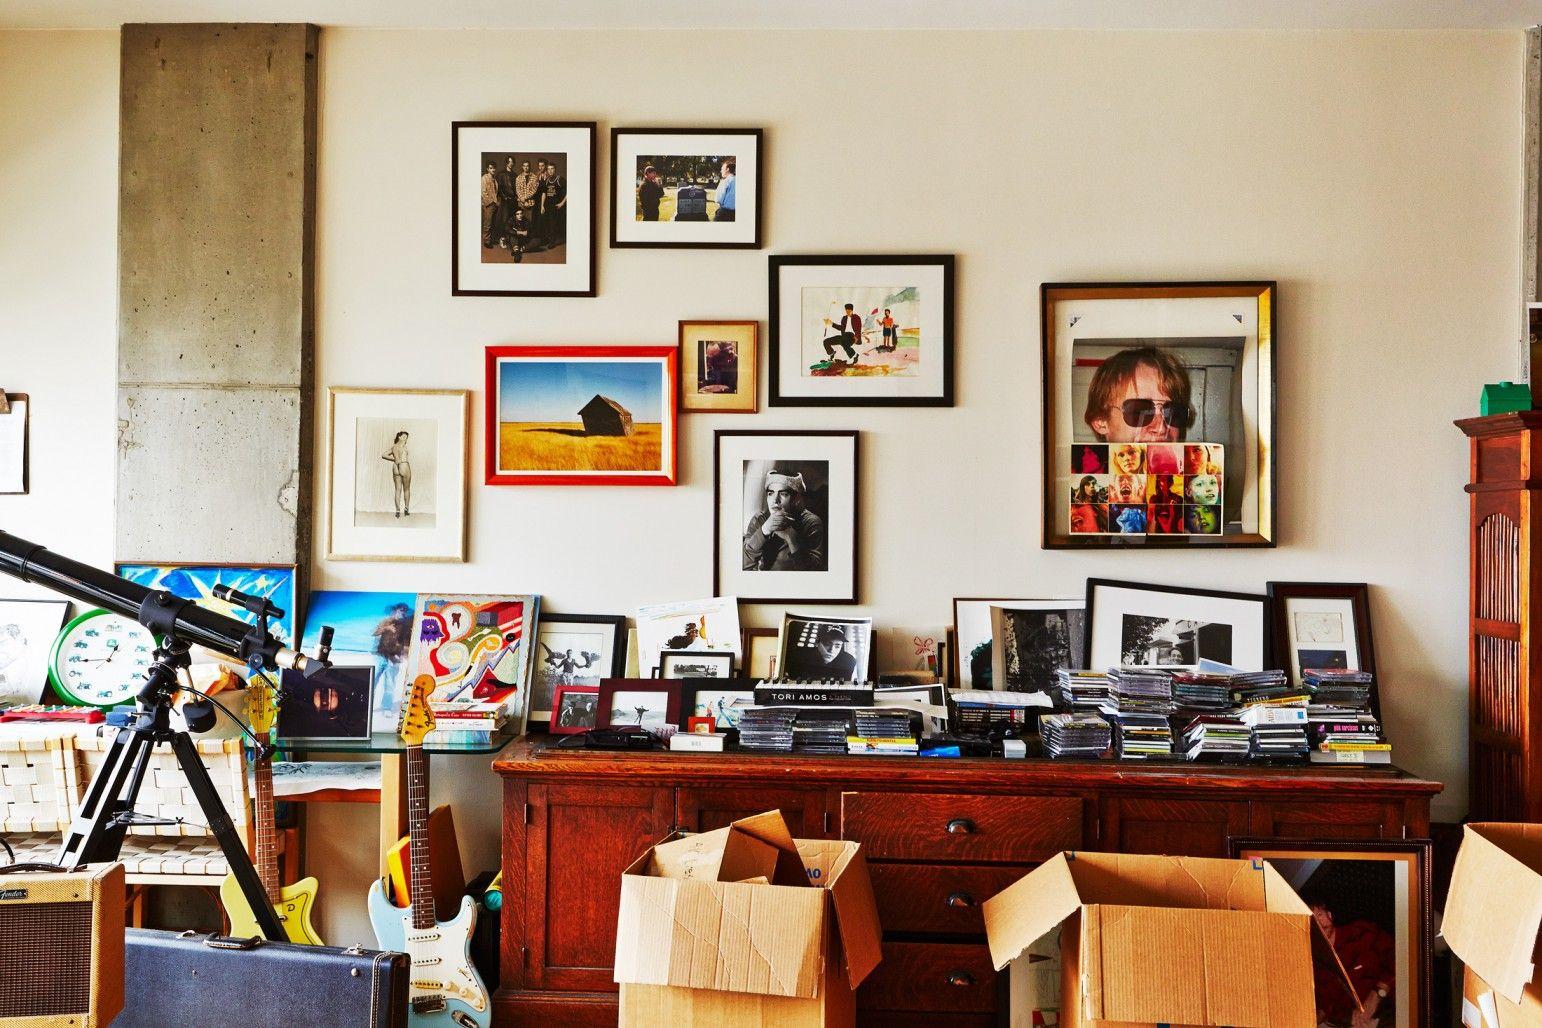 Studio Spaces - Gus Van Sant, Director